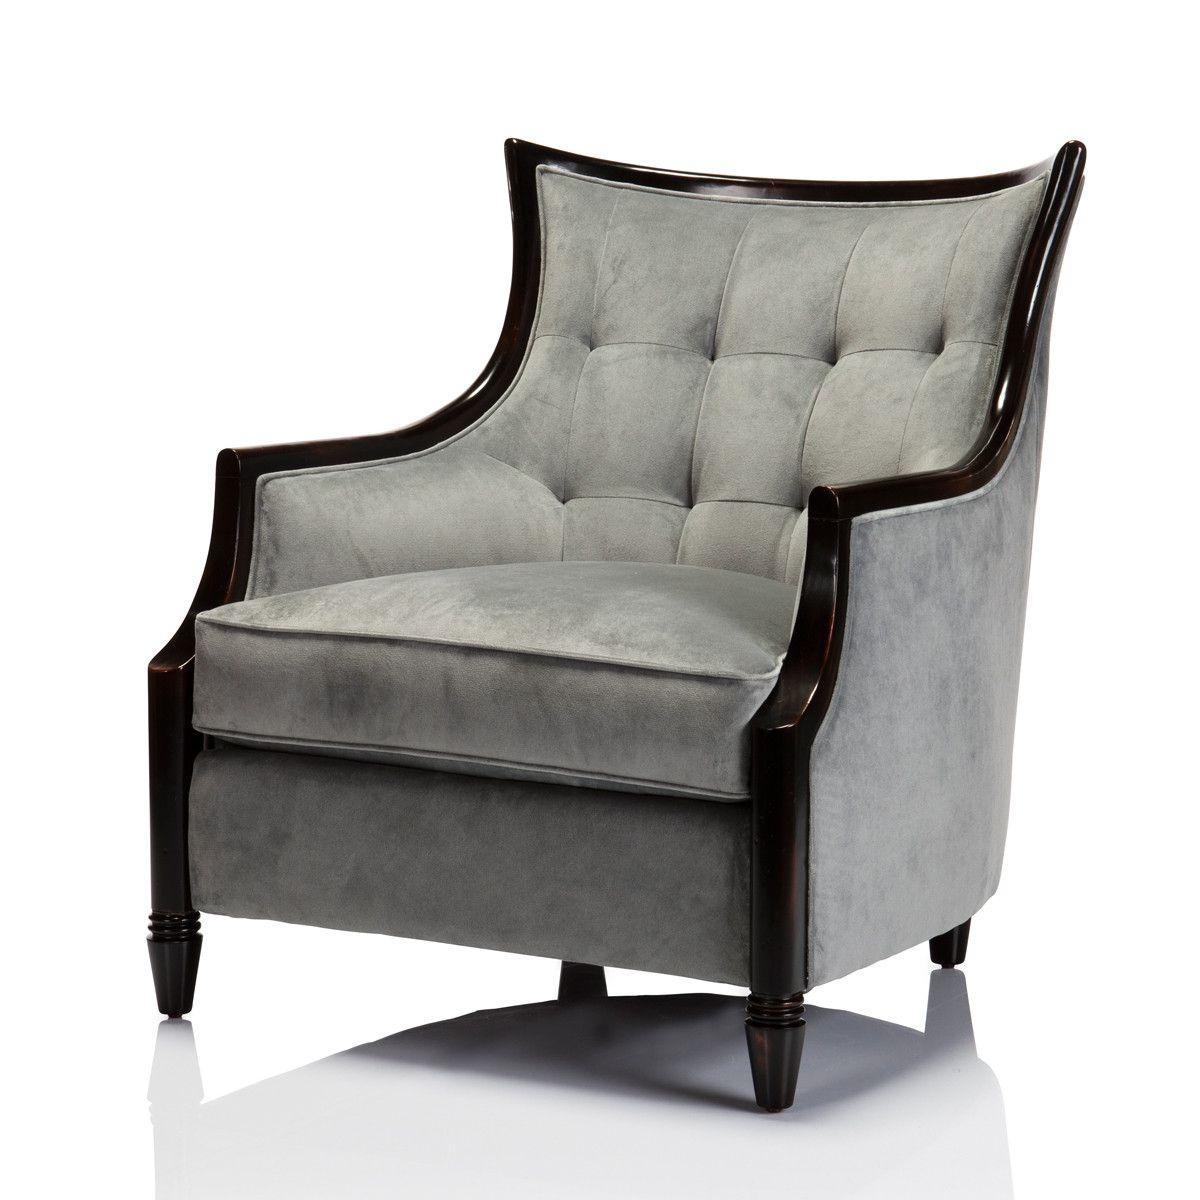 Washington Timber Framed Chair Colour Ocean - Max Sparrow